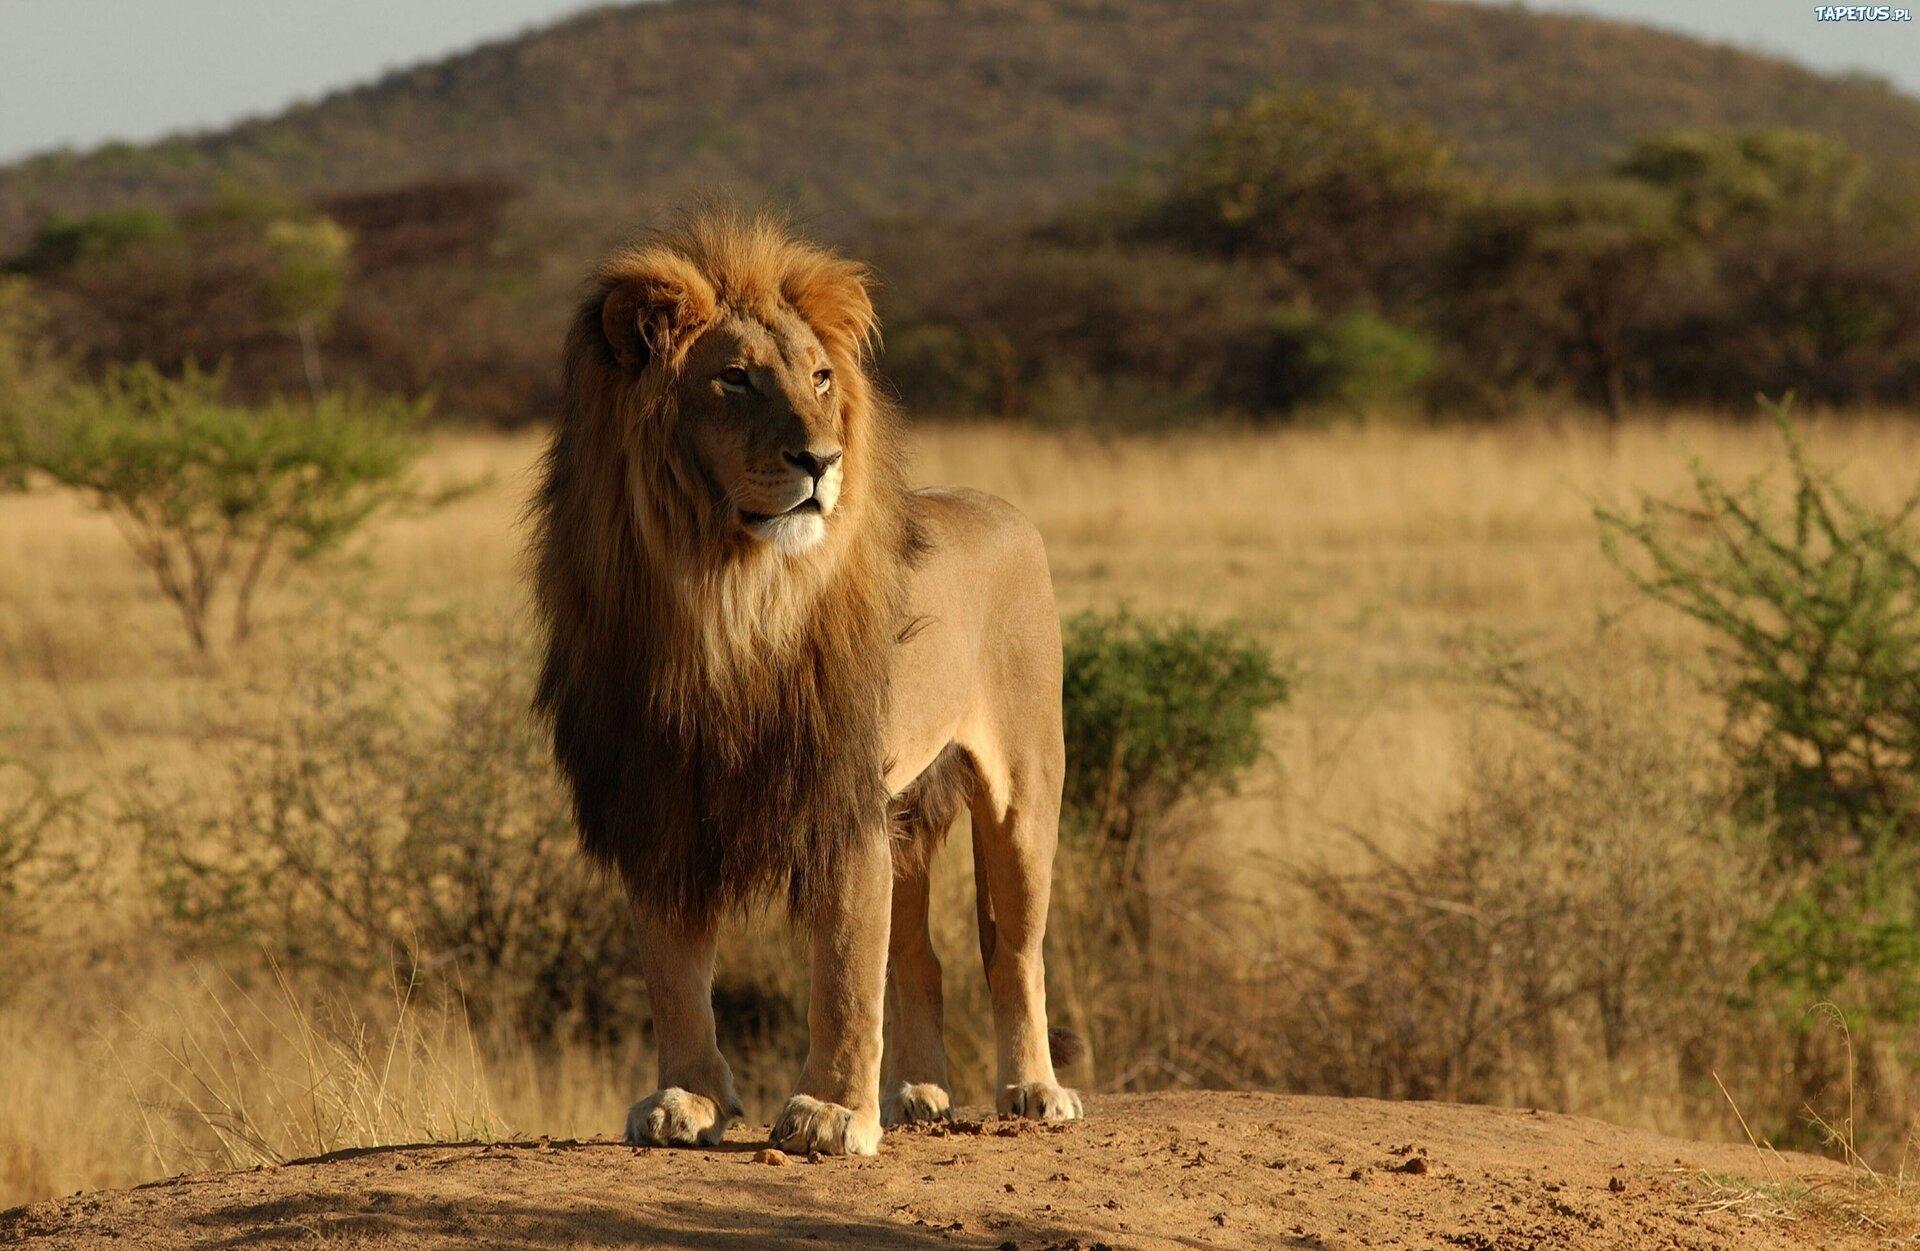 Fotografia przedstawia samca lwa zprzodu. Stoi na szczycie wzniesienia na mocnych łapach. Ma żółtą sierść ipotężną, gęstą grzywę, wktórej ukryte są uszy. Rozgląda się uważnie. Wtle sawanna zkilkoma akacjami izbocze góry.